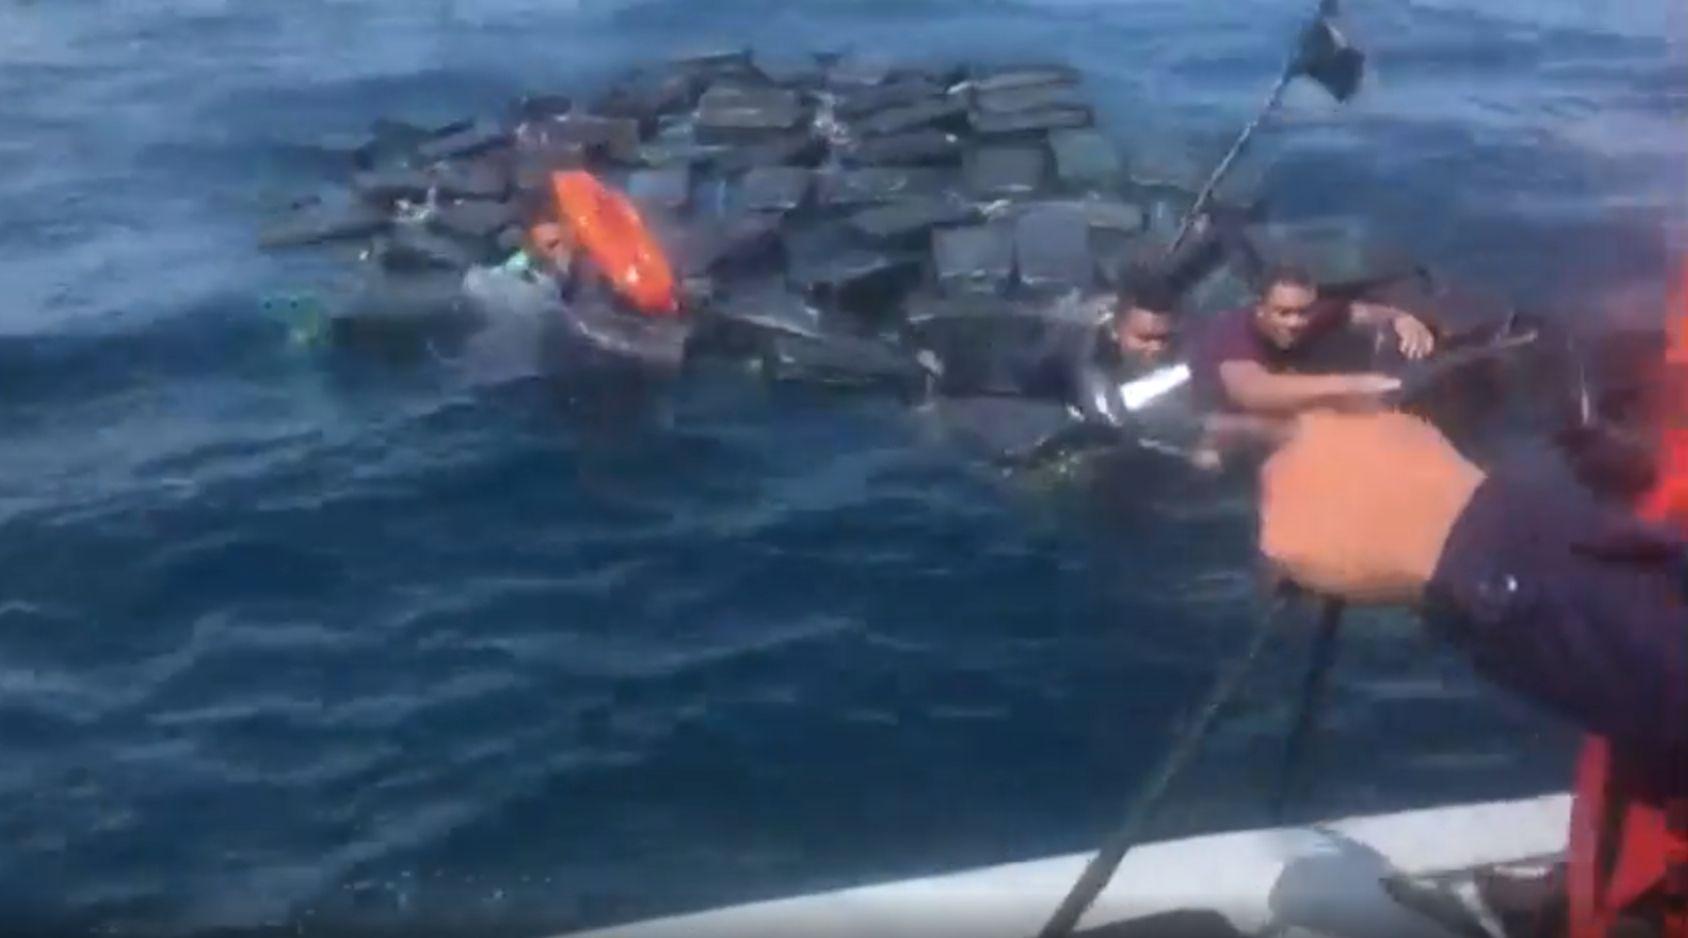 A csempészett kokainba kapaszkodva menekült meg a vízbefulladástól három csempész